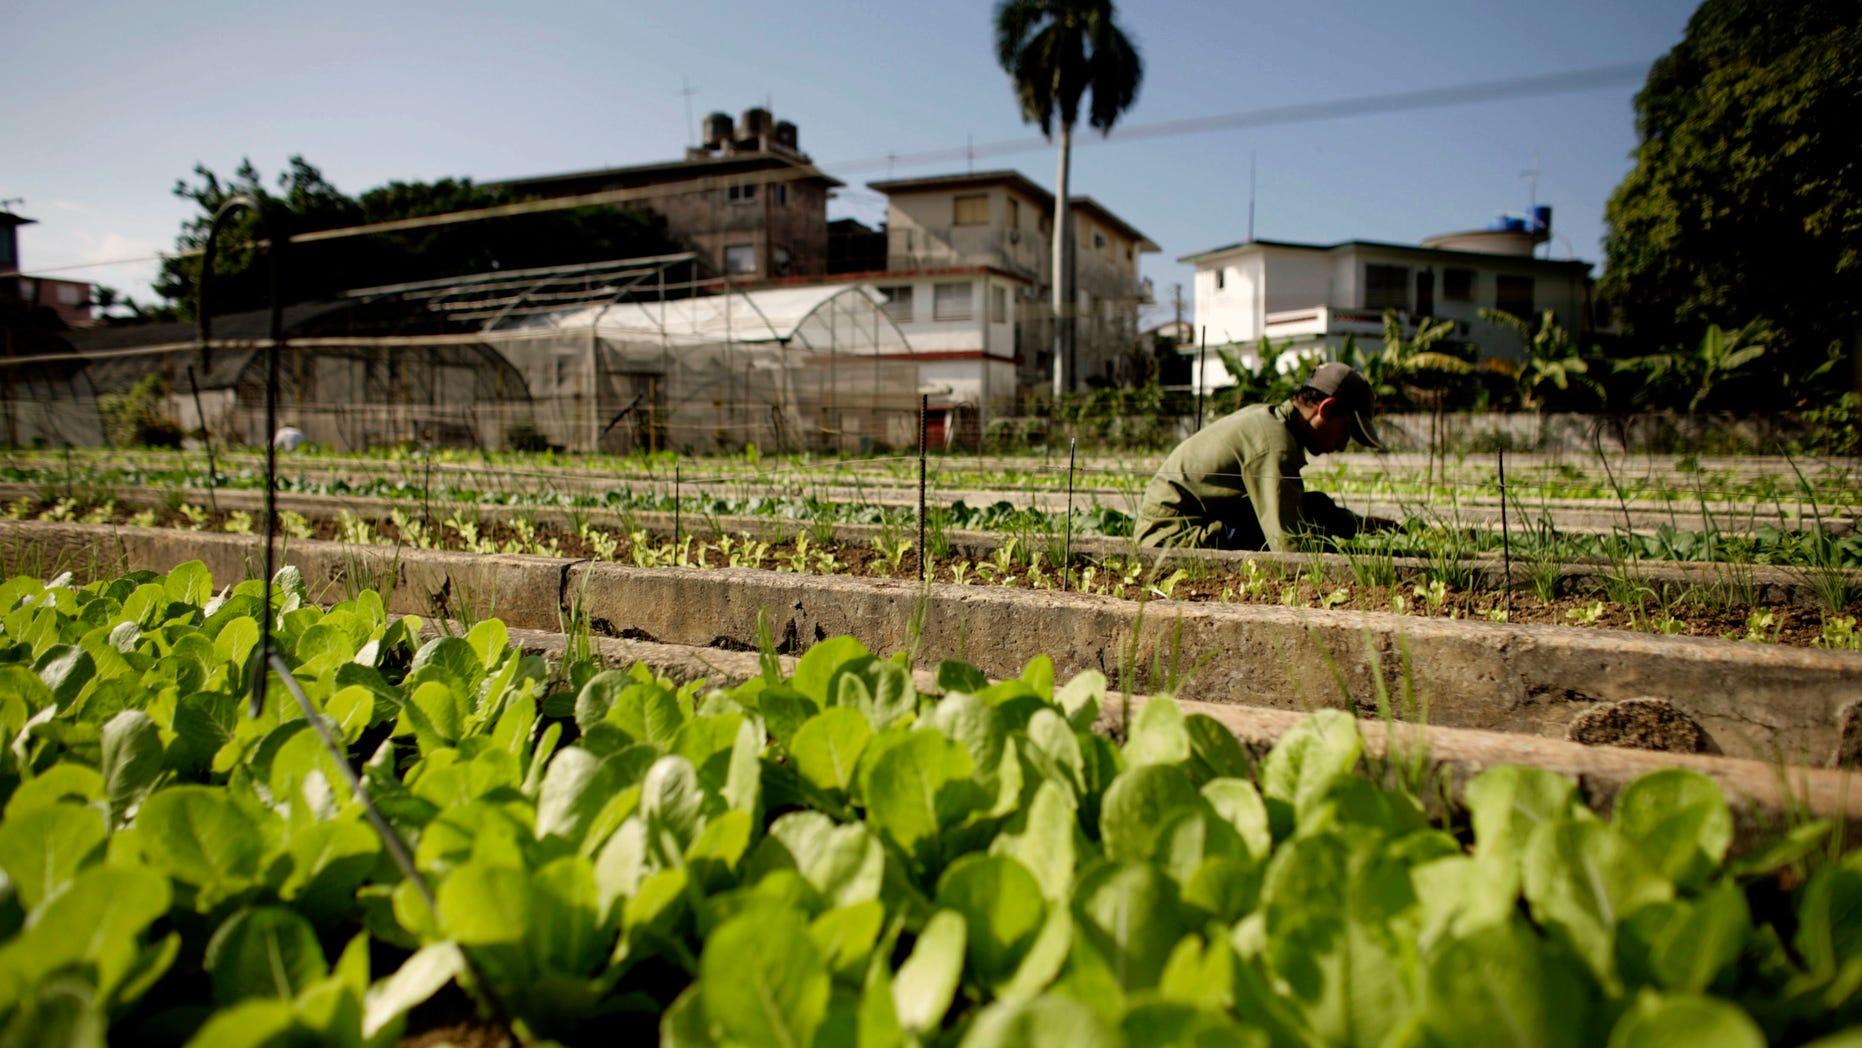 A farmer works in a lettuce field at a hydroponics farm in Havana, Cuba.